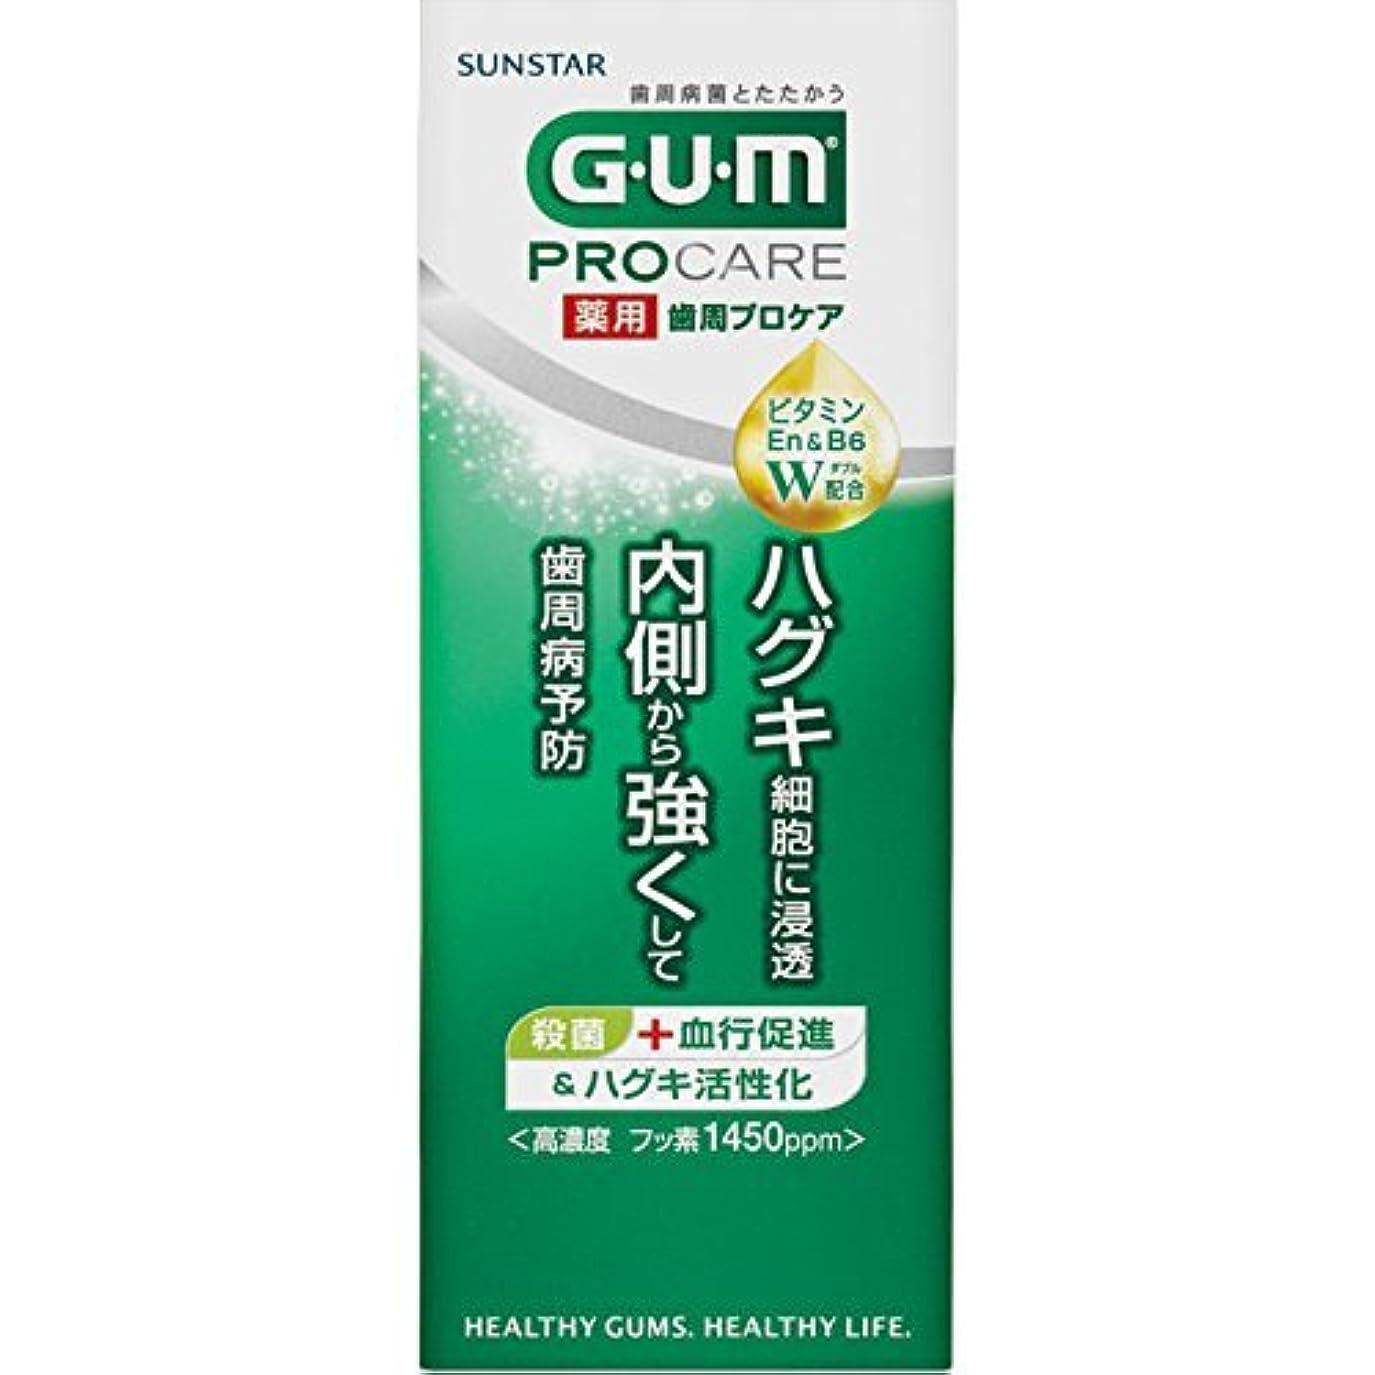 代数的インキュバス罹患率[医薬部外品] GUM(ガム) 歯周プロケア 歯みがき 50g <歯周病予防 ハグキケア 高濃度フッ素配合1,450ppm>